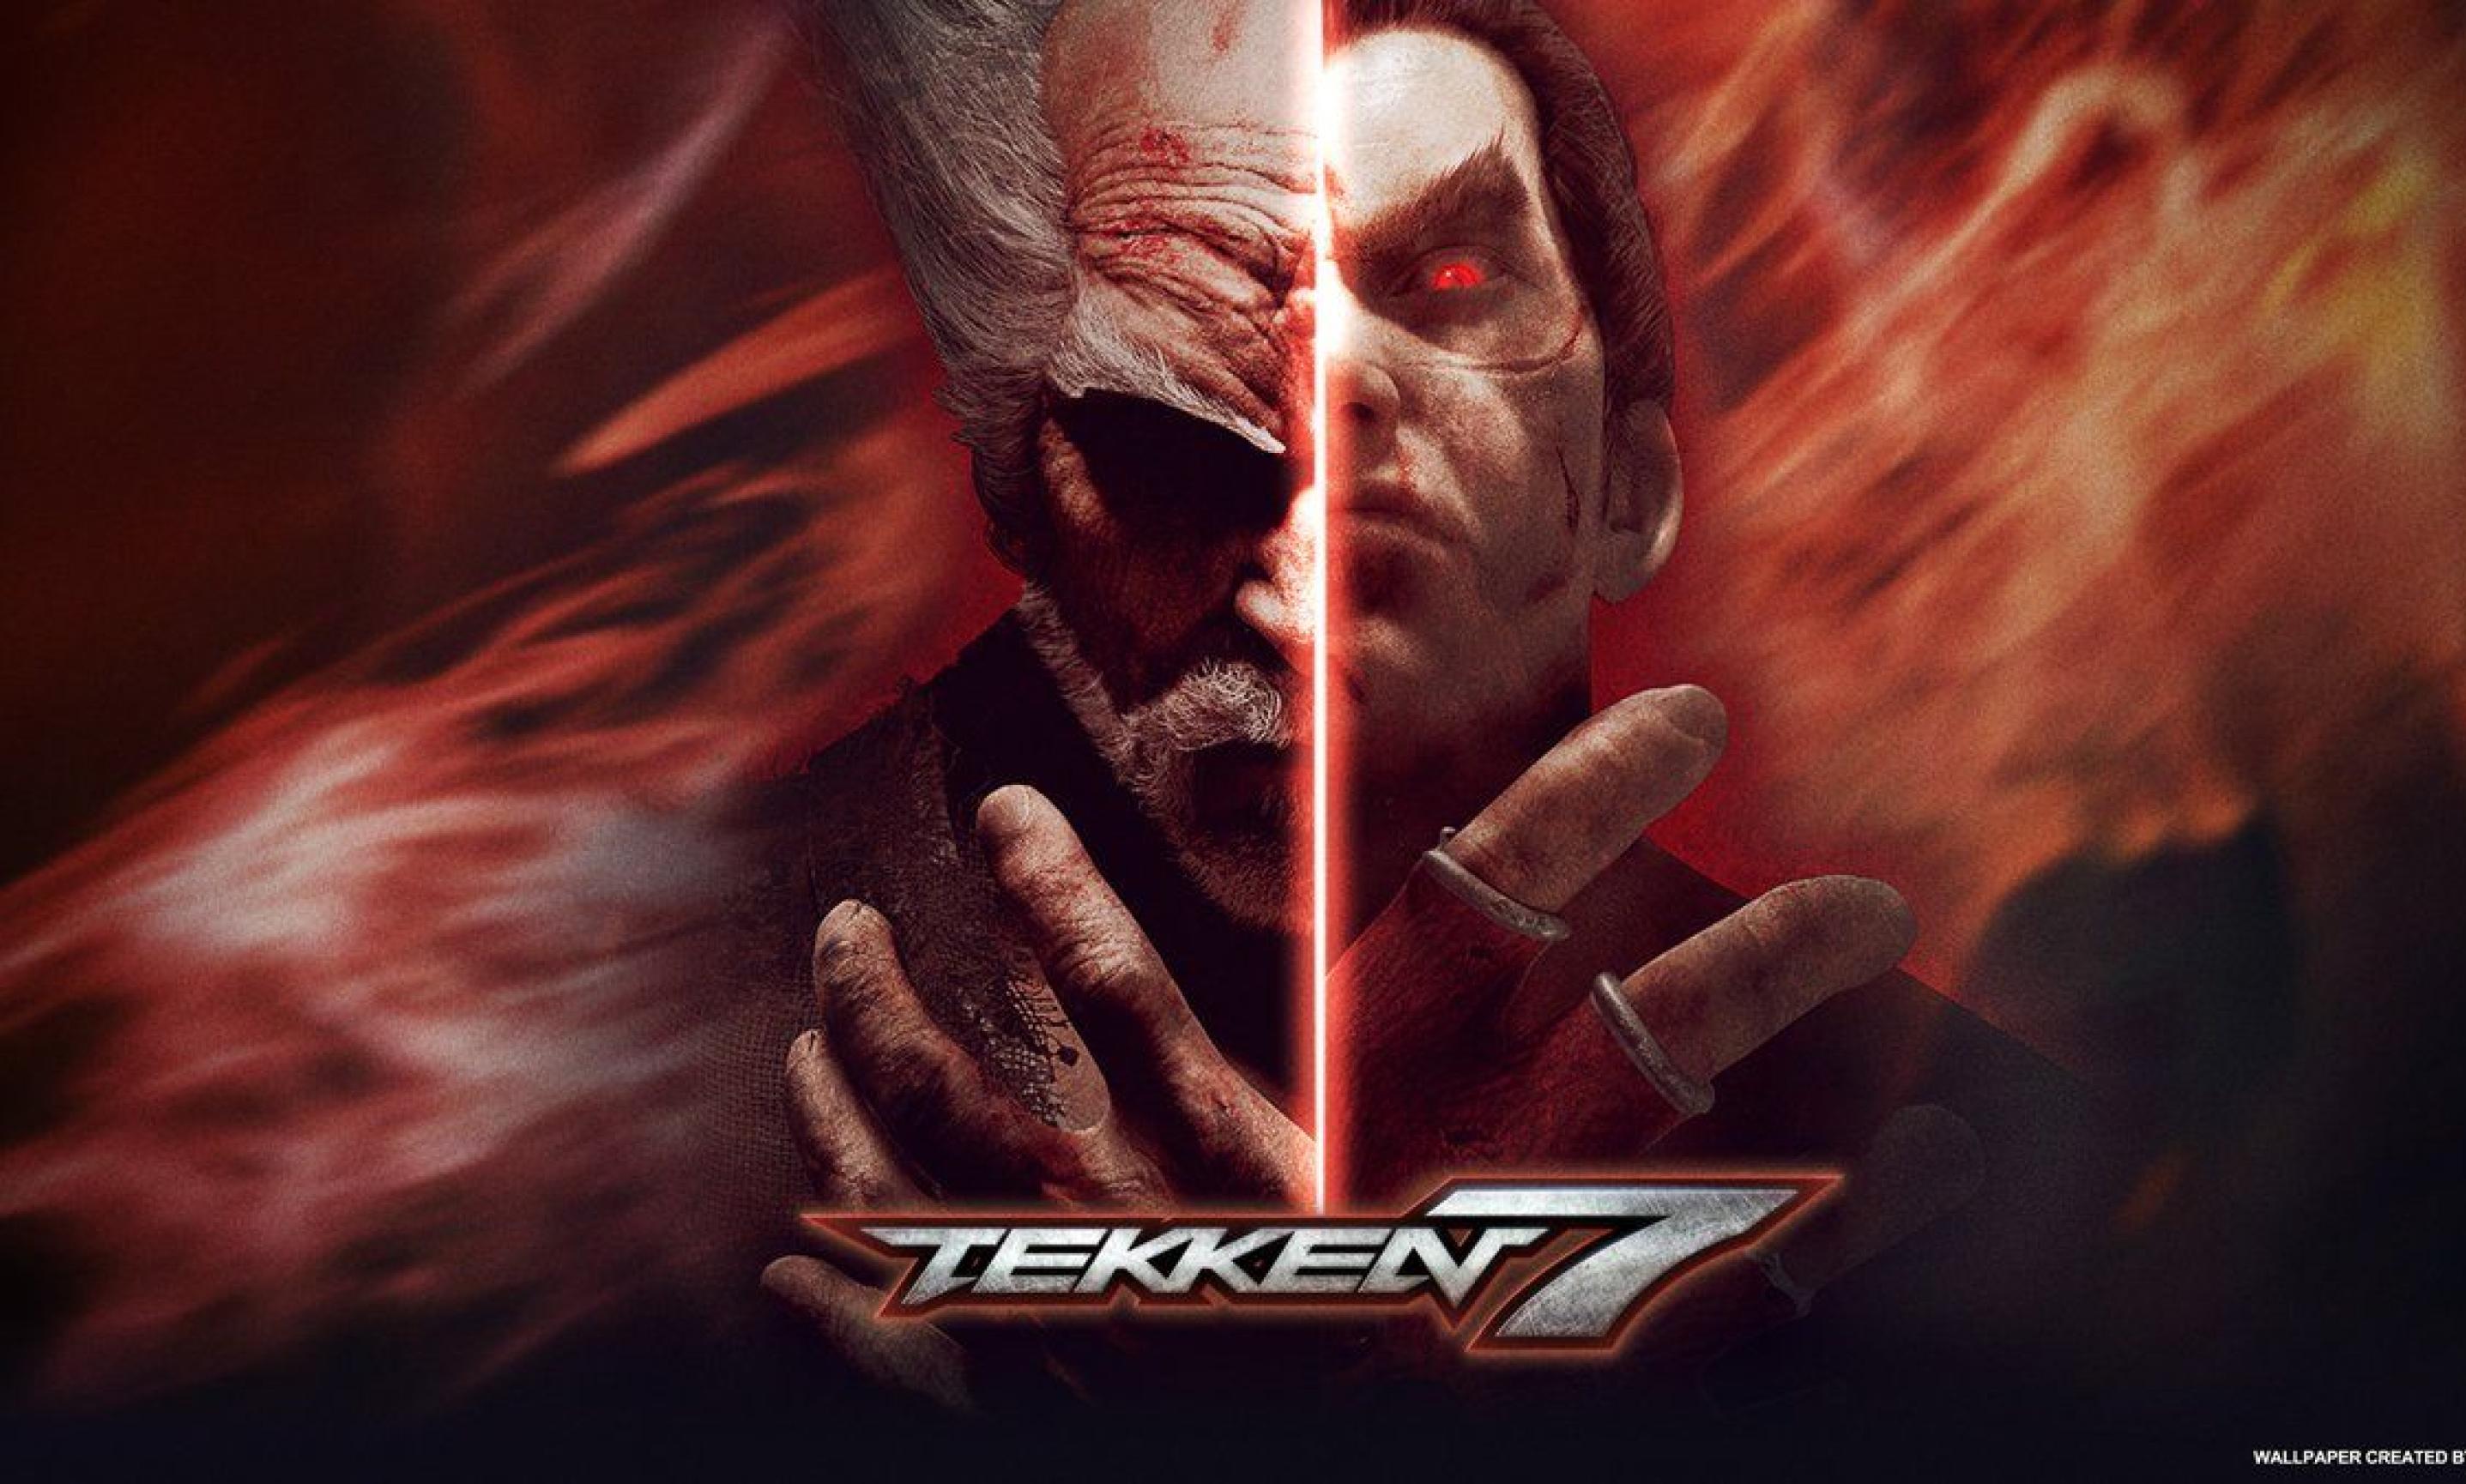 Tekken 7 artwork